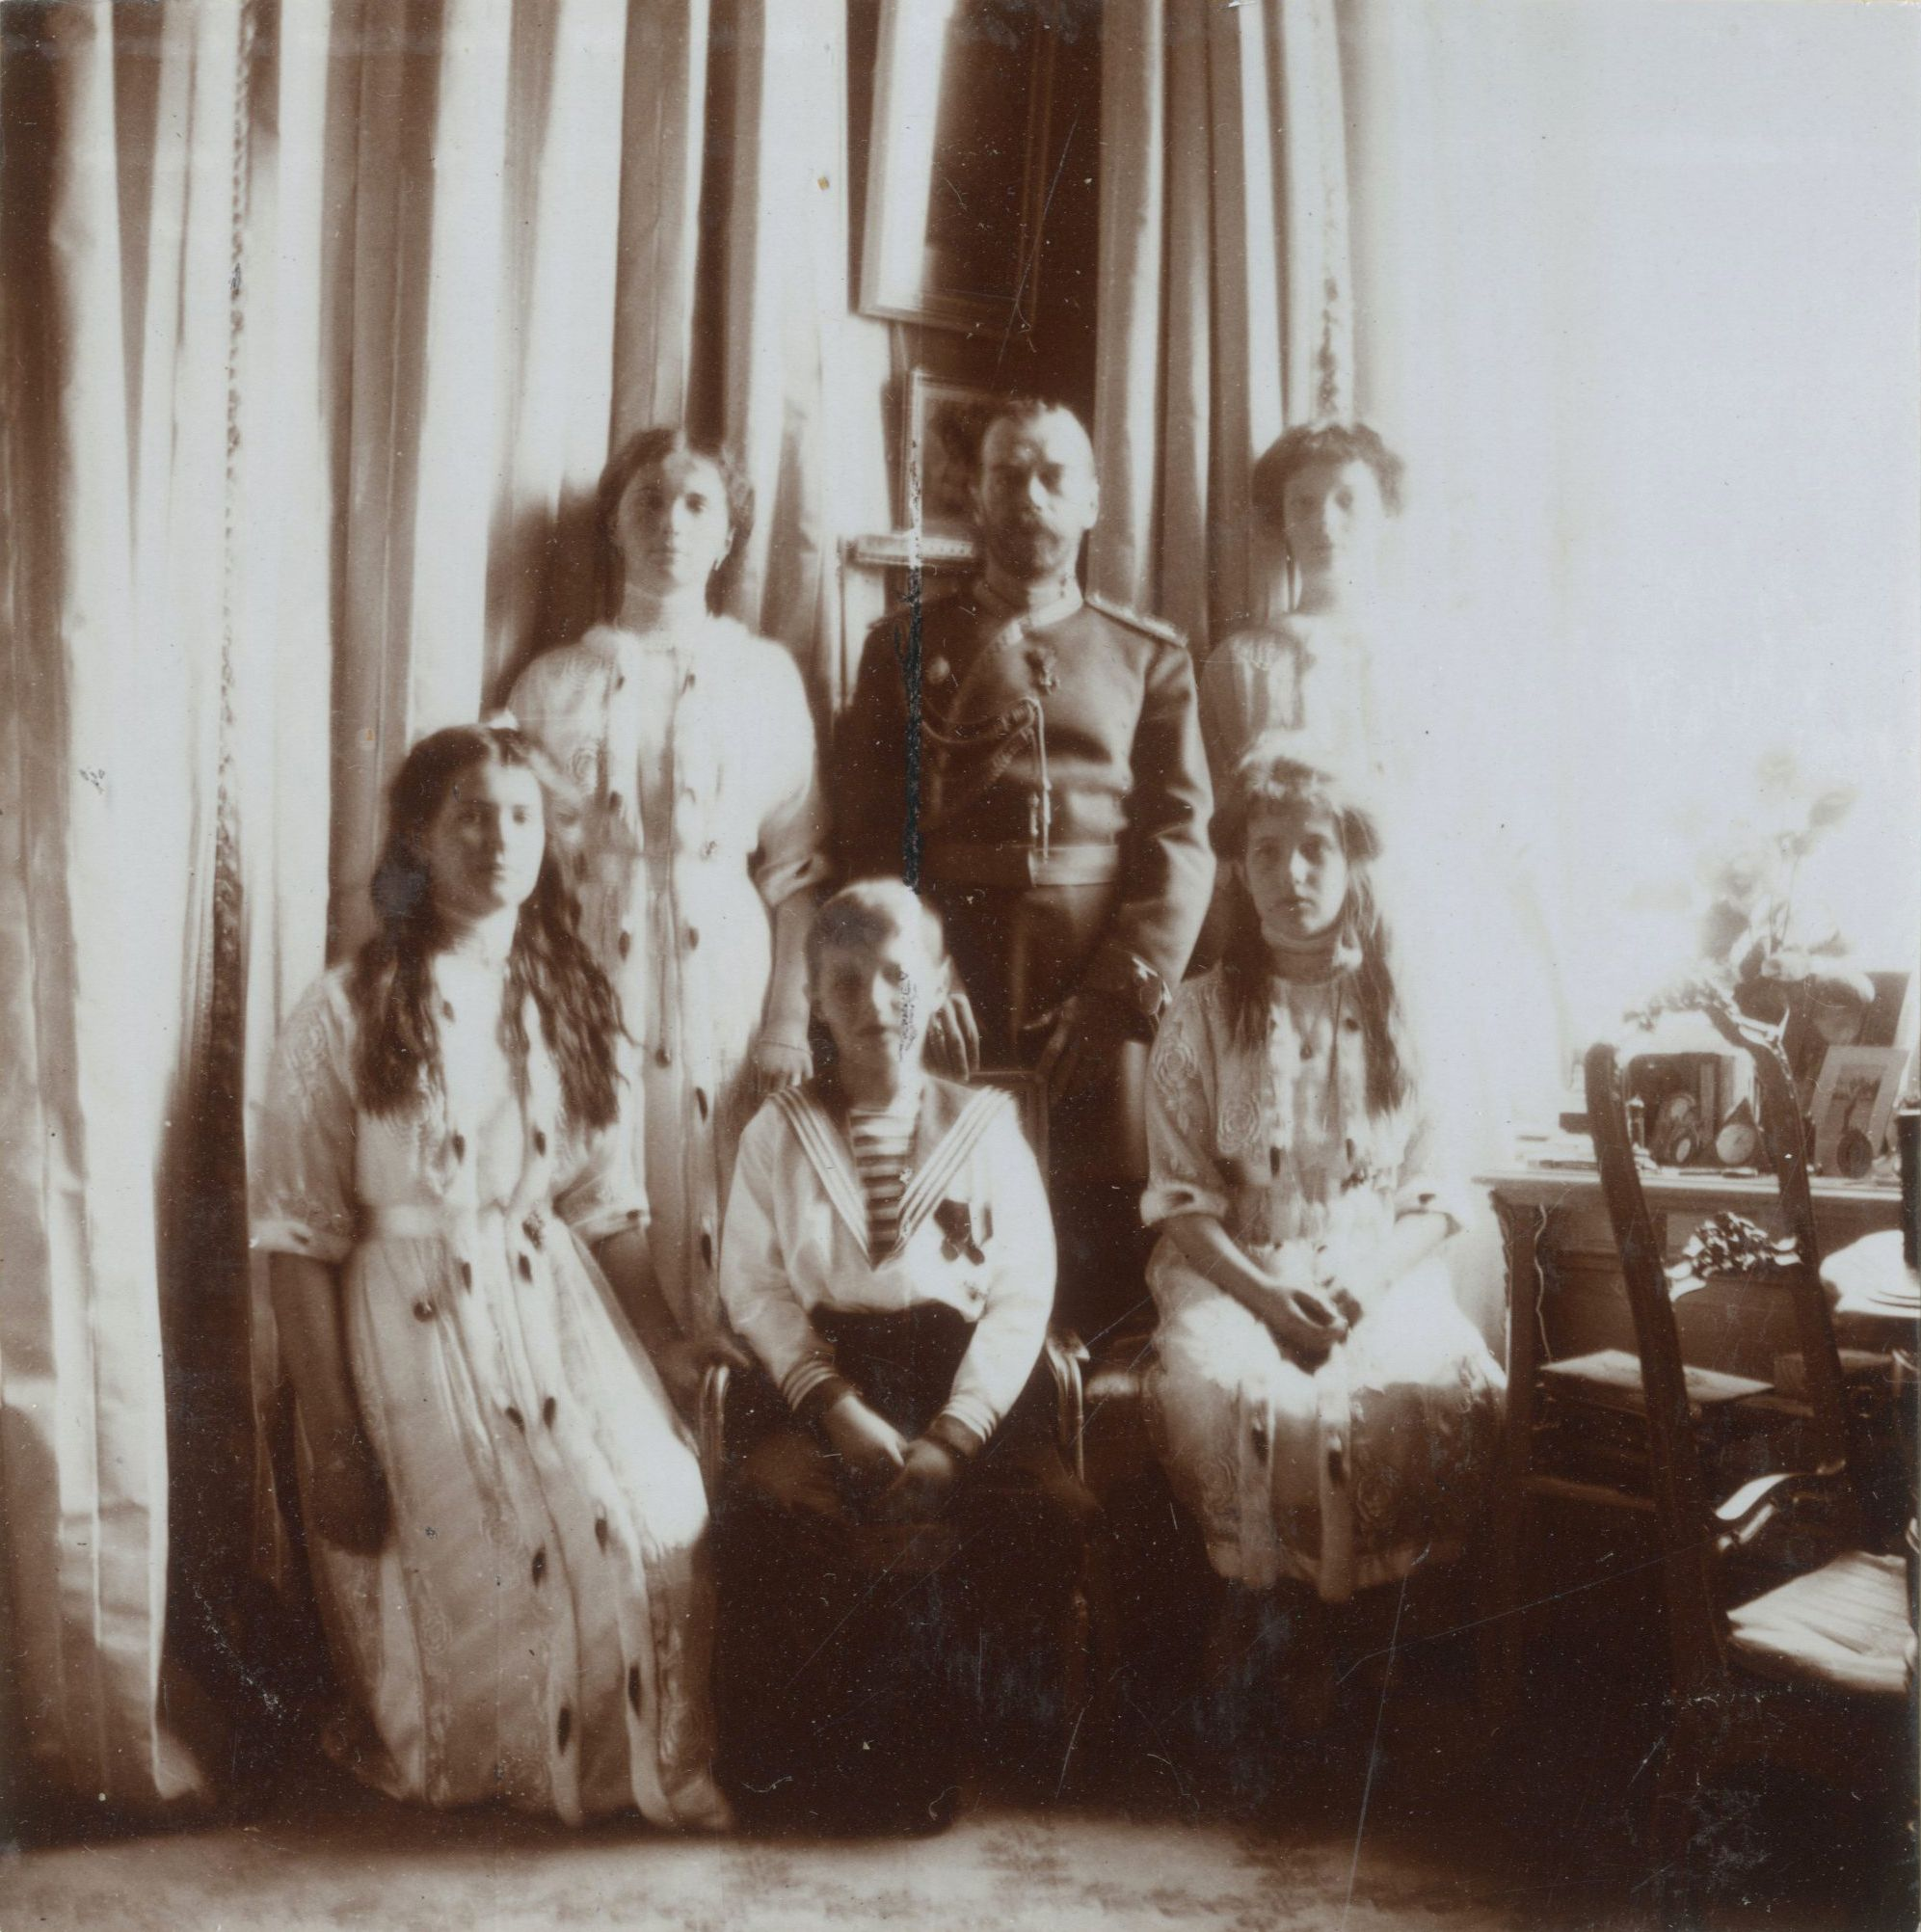 Tsar Nicolau II com seus filhos as Grã-duquesas Olga Nikolaevna, Tatiana Nikolaevna, Marie Nikolaevna e Anastasia Nikolaevna, e o Tsarevich Alexei Nikolaevich, no Alexander Palace, em 1913.